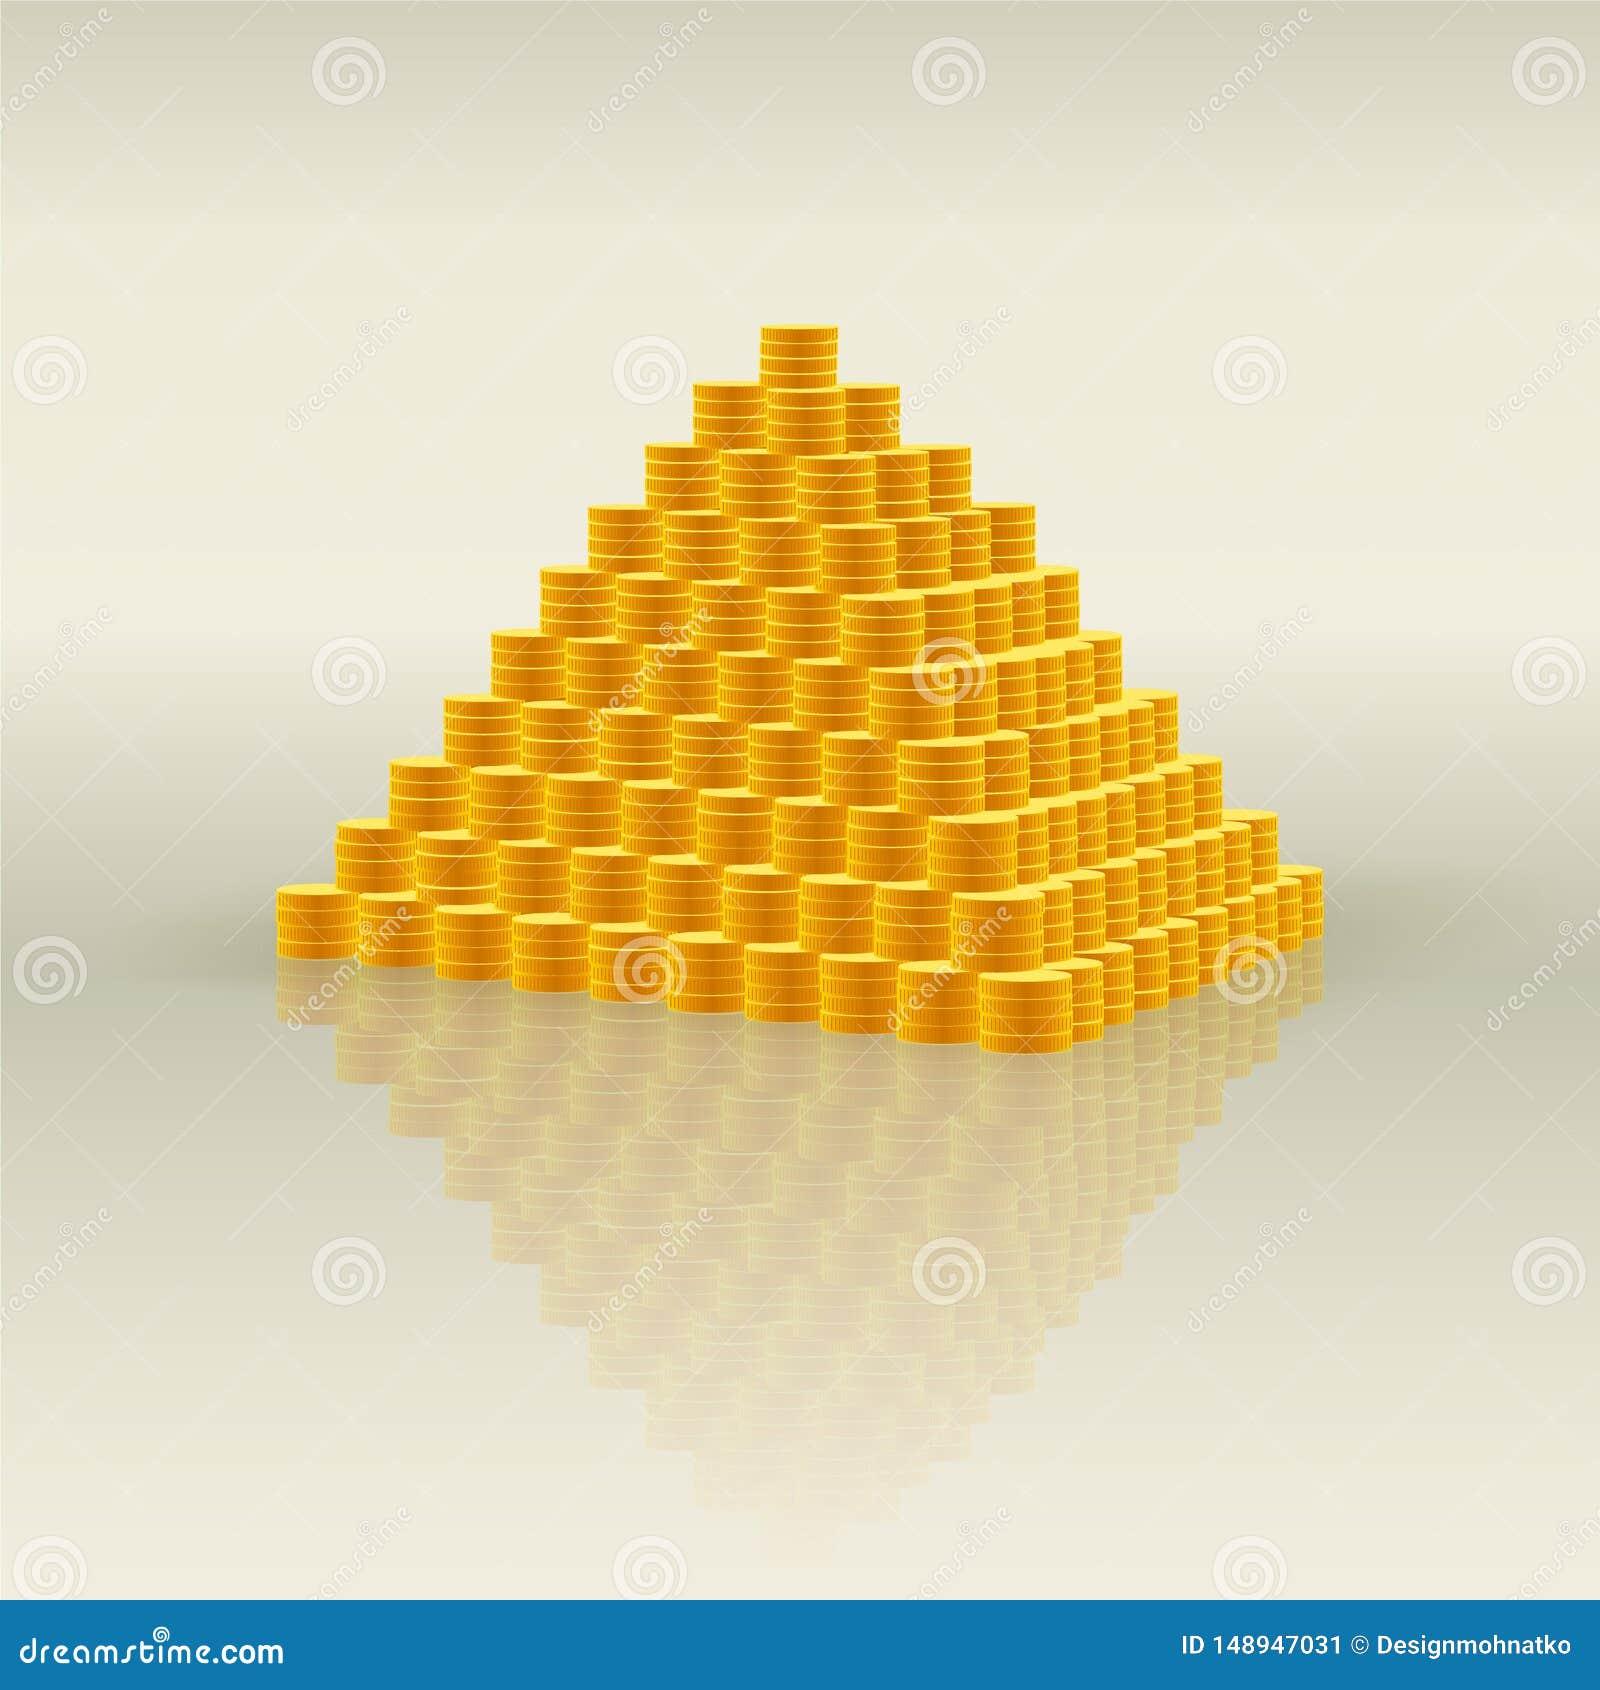 Пирамида золотых монет - символ богатства и много денег, финансовой пирамиды и очковтирательства